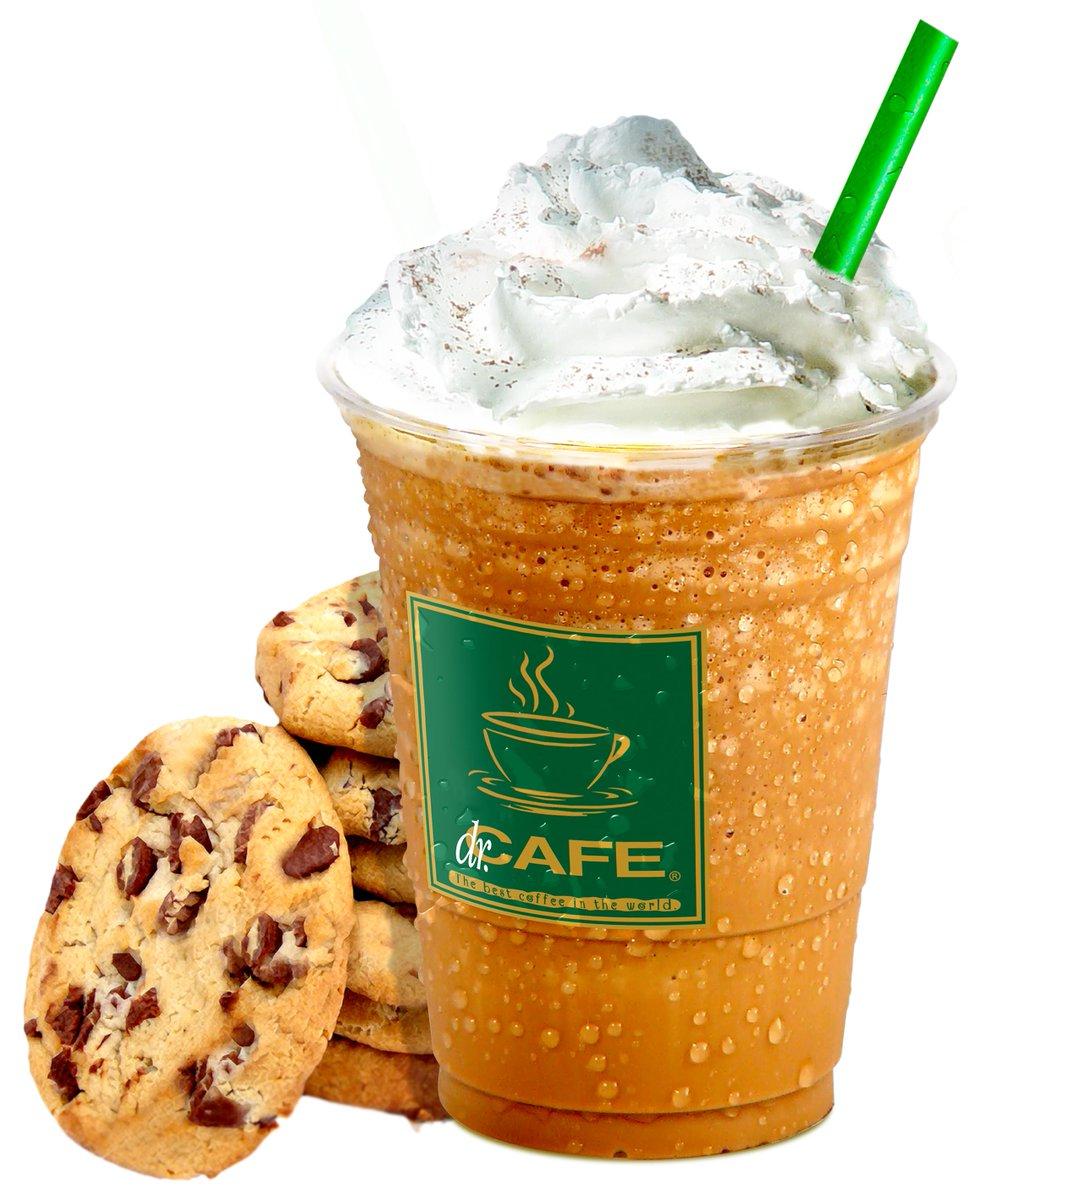 O Xrhsths Dr Cafe د كيف Sto Twitter مشروبات د كيف هو مزيج من الجودة والخبرة التي تجعل منها التجربة الدائمة و المحفورة في الذاكرة Http T Co Ptqp9ibfhj